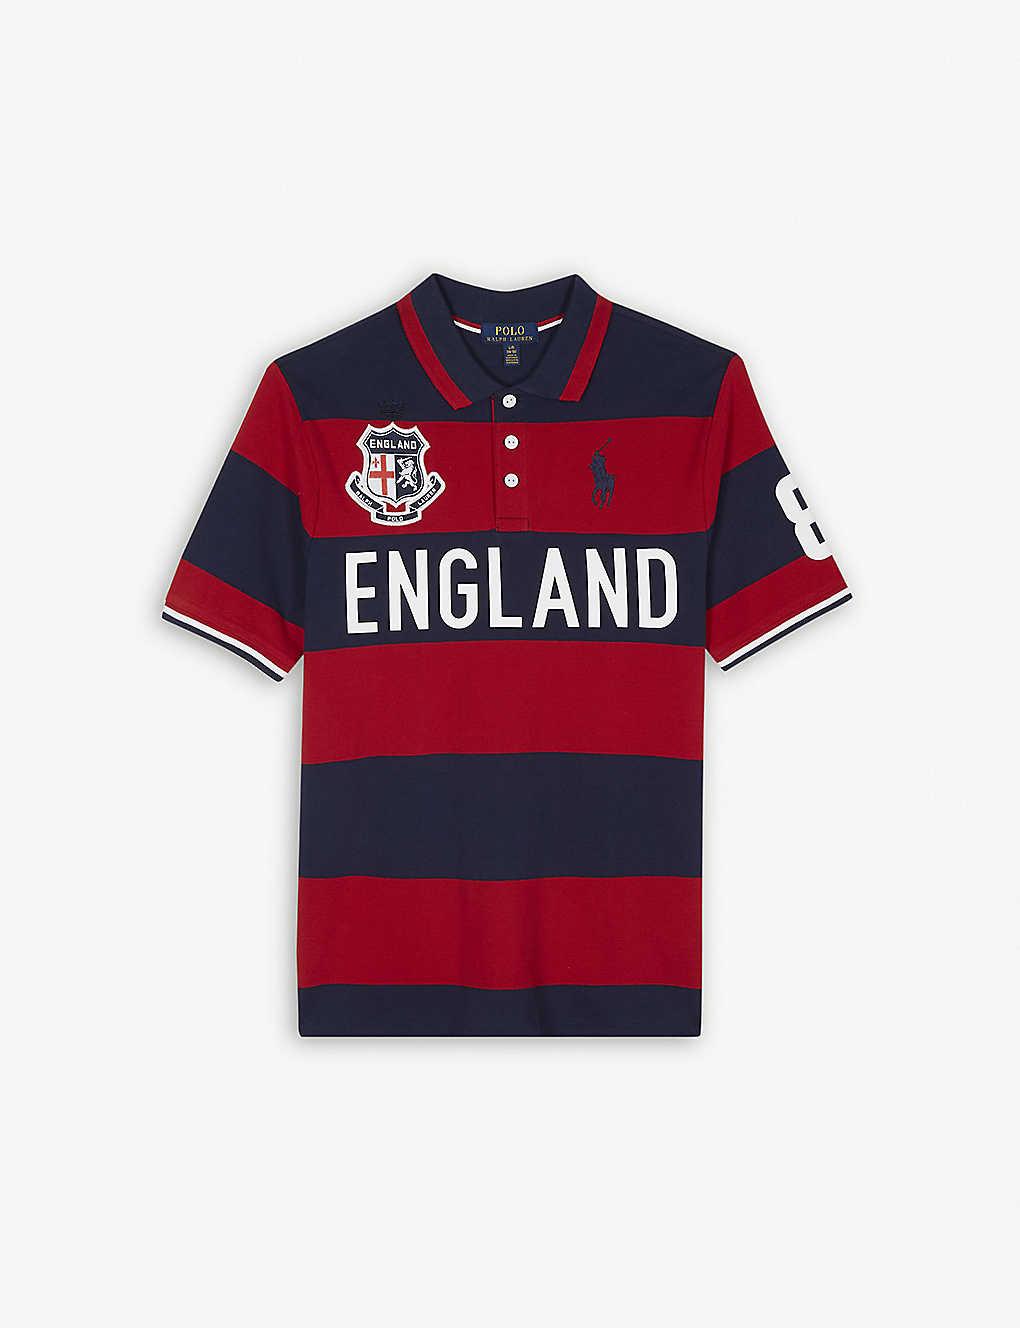 Ralph Lauren England Cotton Polo Shirt S Xl Selfridges